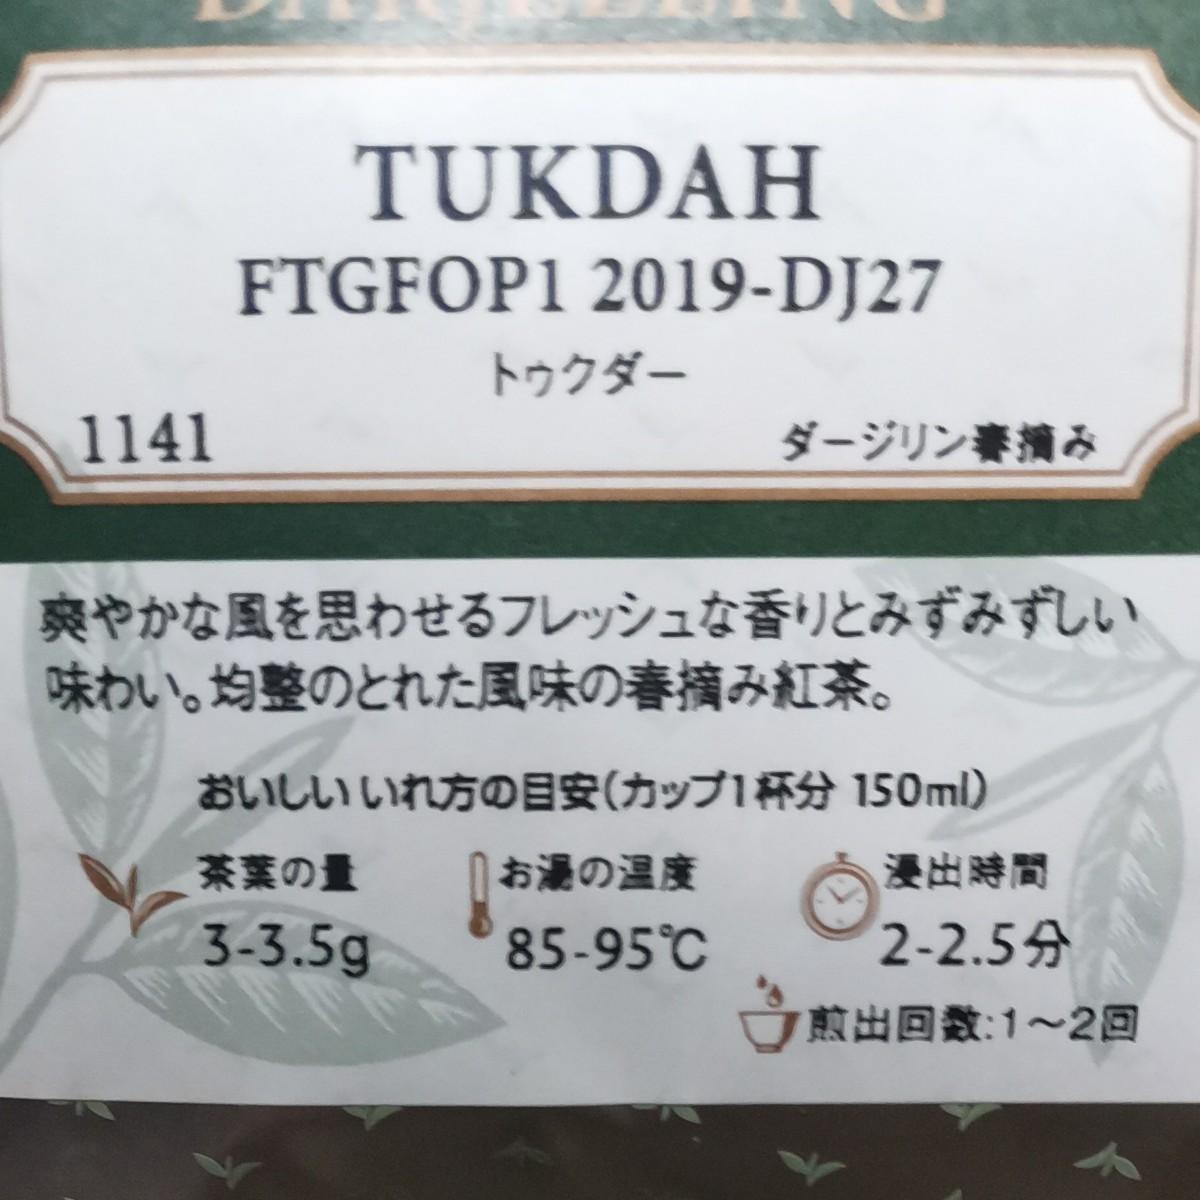 ルピシア TUKDAH FTGFOP1 2019- DJ27 トゥクダー ダージリン 春摘み  紅茶  ルピシア LUPICIA